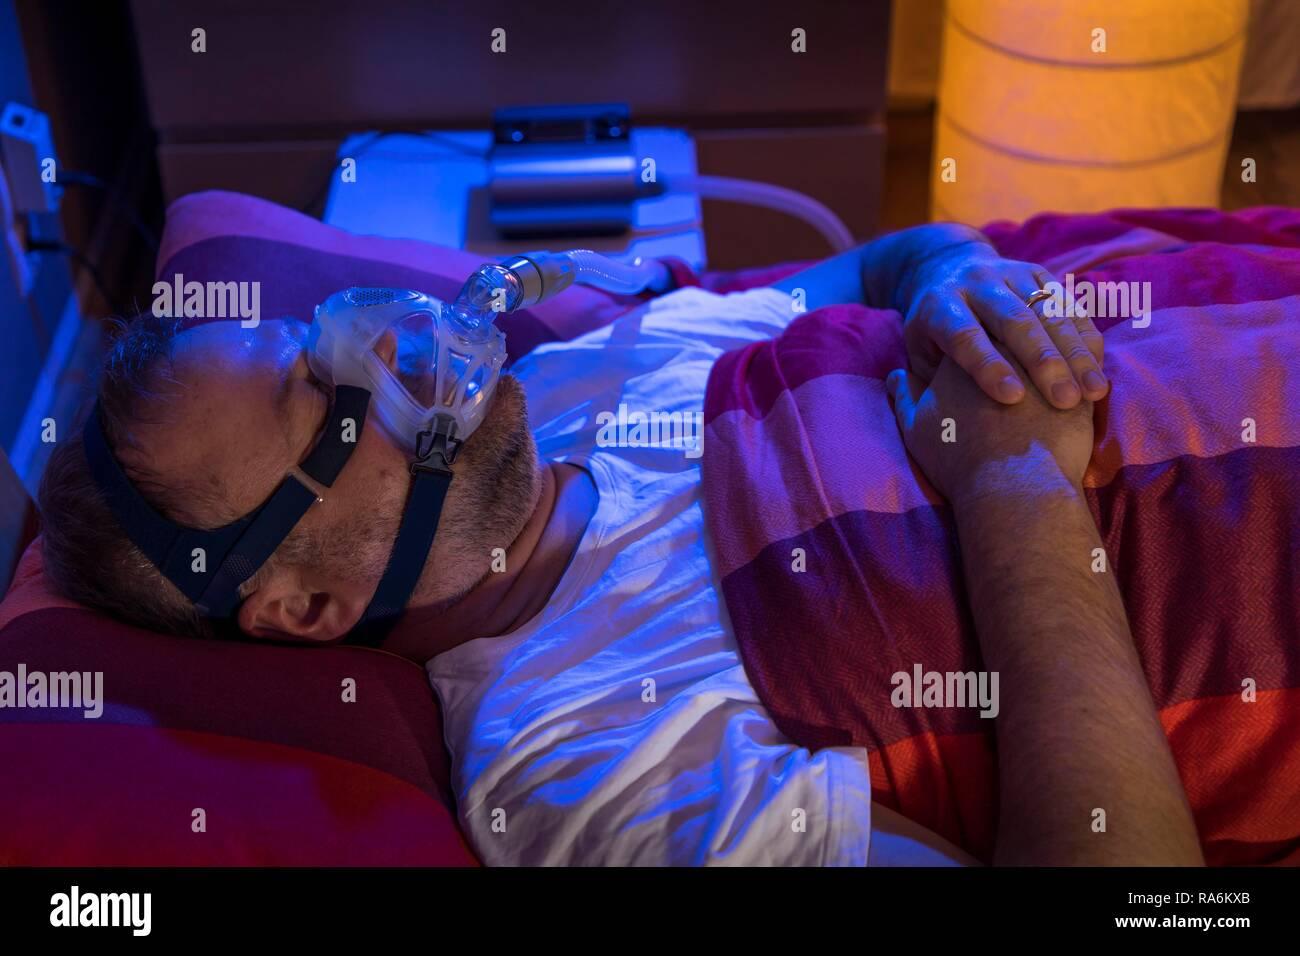 Uomo con sindrome da apnea nel sonno, indossa una maschera CPAP durante il sonno, una maschera per la respirazione, che spinge aria nelle vie respiratorie dovute Immagini Stock